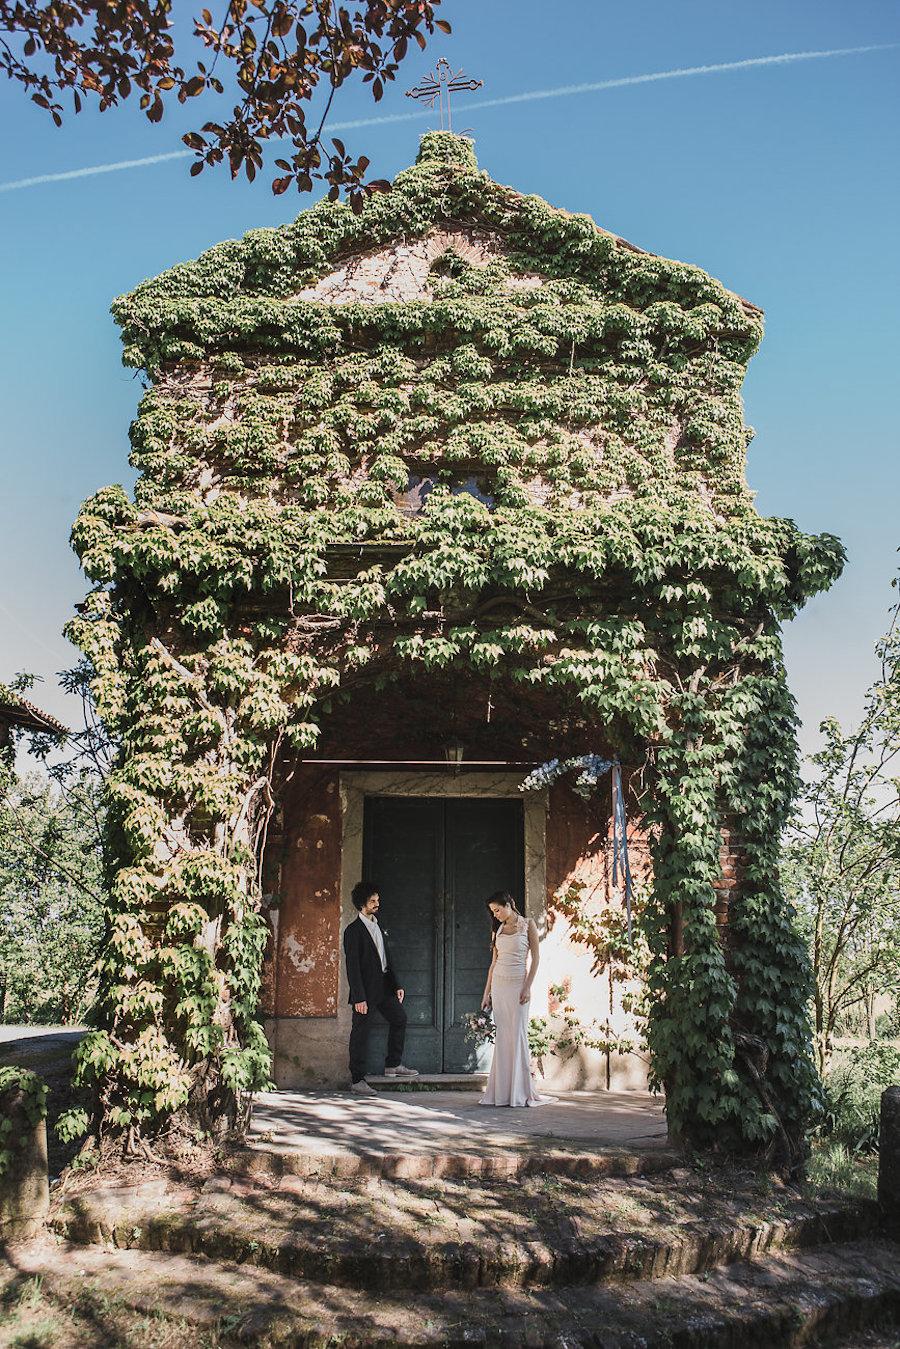 matrimonio-rose-quartz-e-serenity-di-luce-e-dombra-studio-fotografico-18